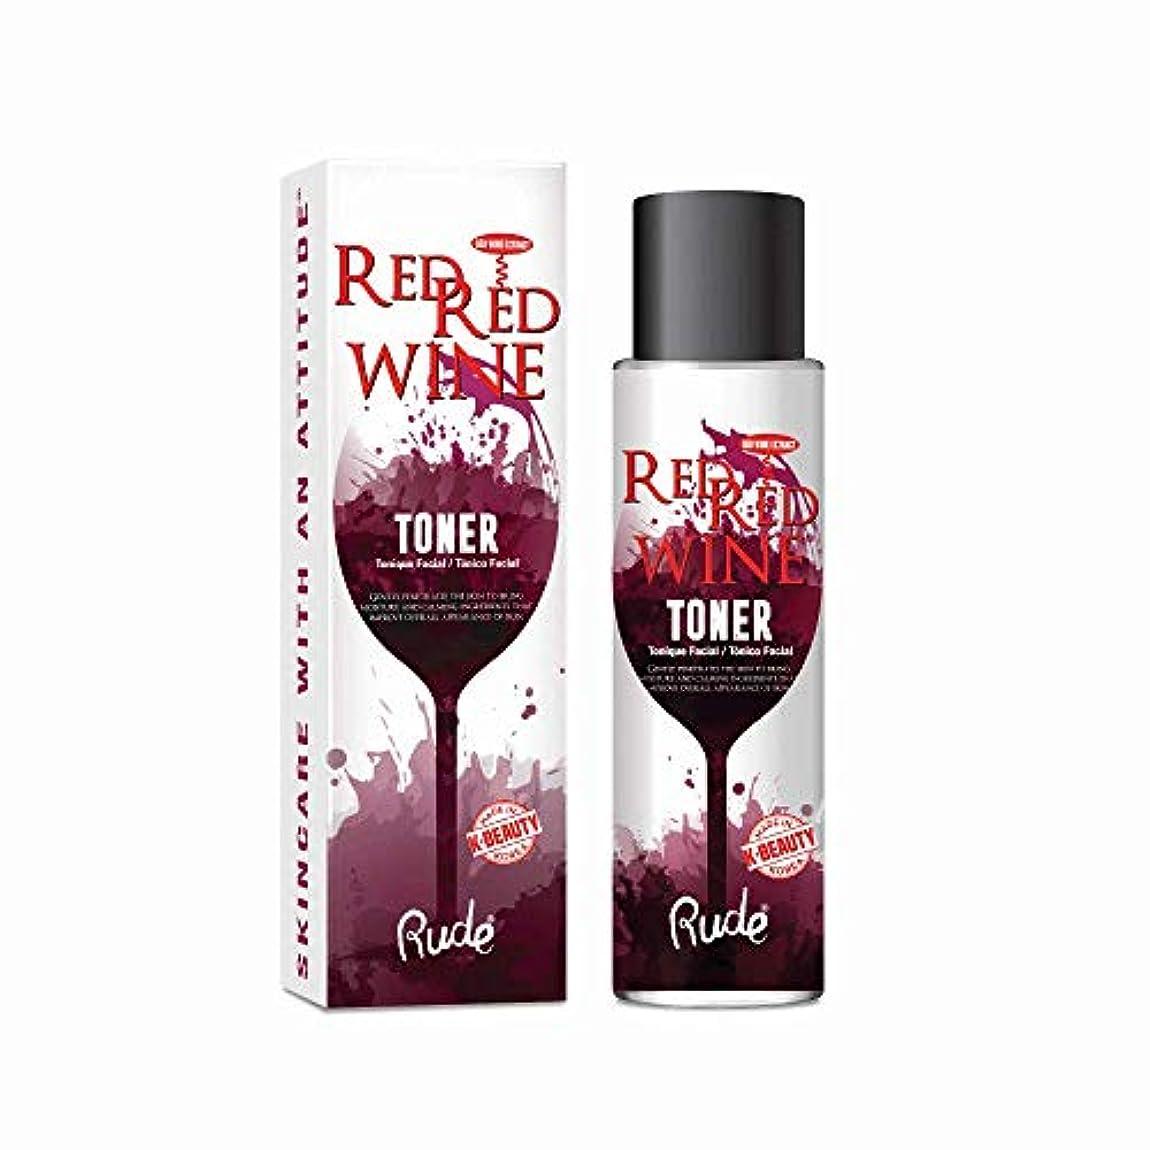 散歩行く絶え間ない(6 Pack) RUDE Red Red Wine Toner (並行輸入品)